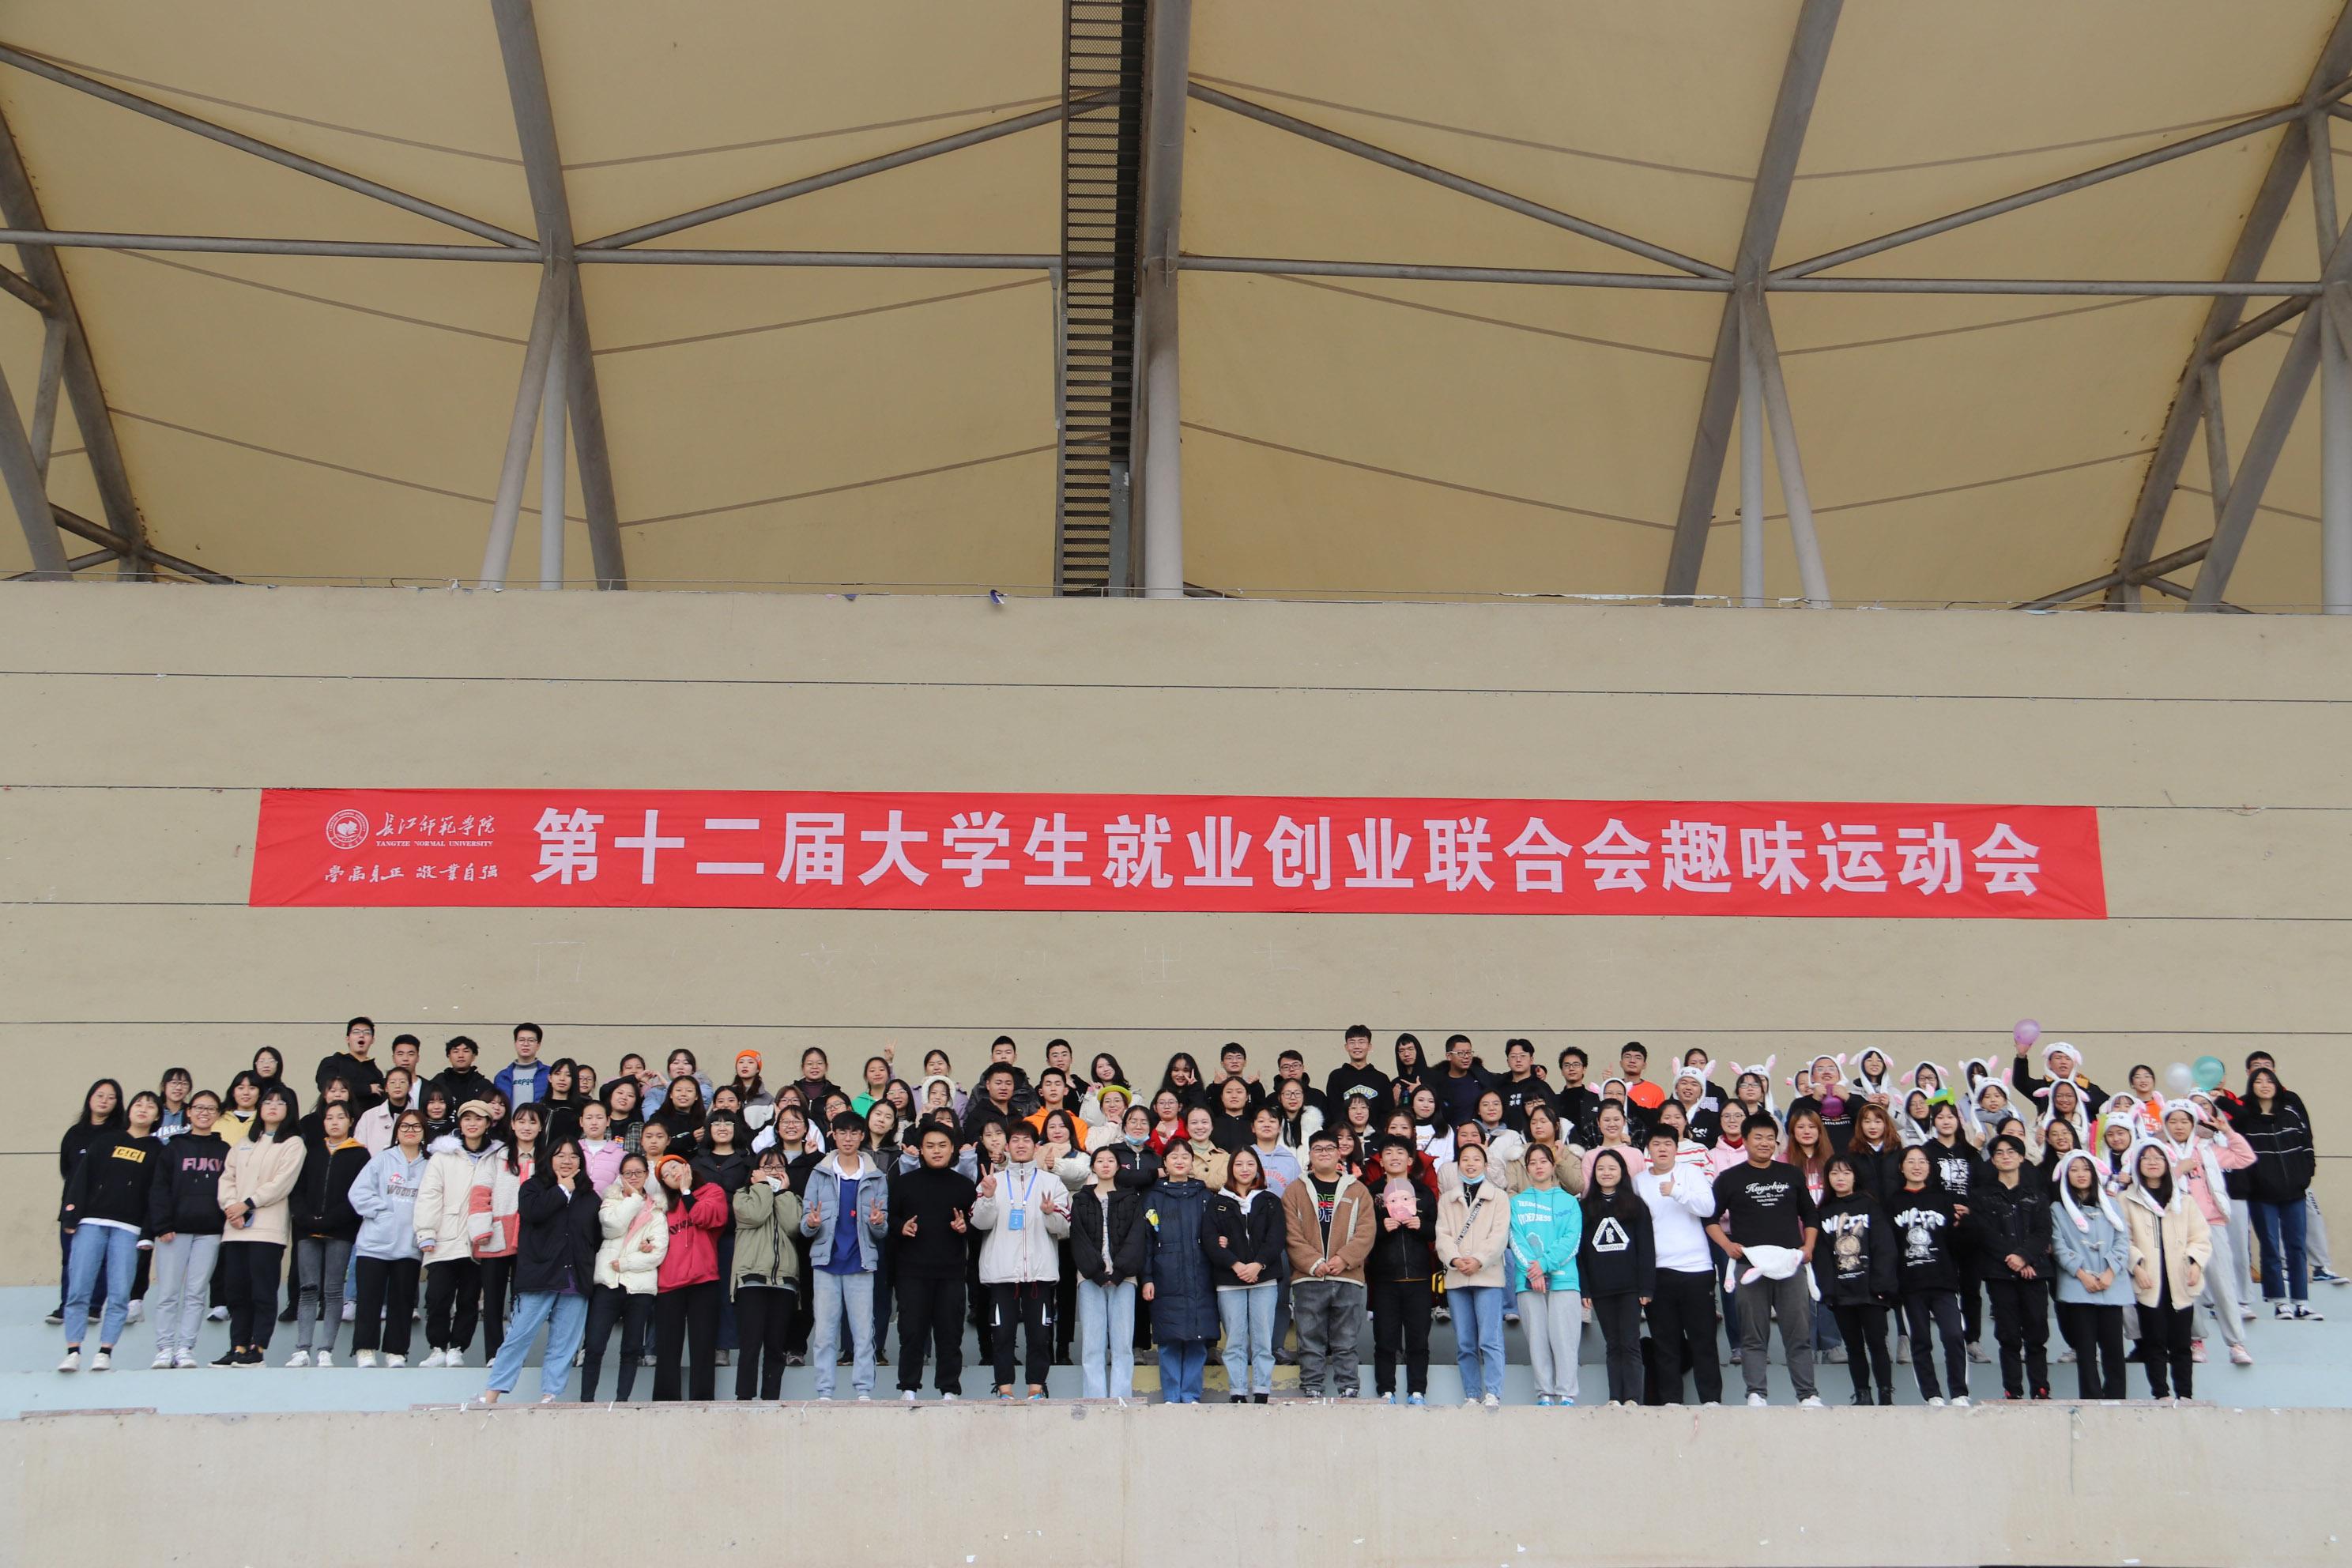 第十二届大学生就业创业联合会趣味运动会-图片4.JPG